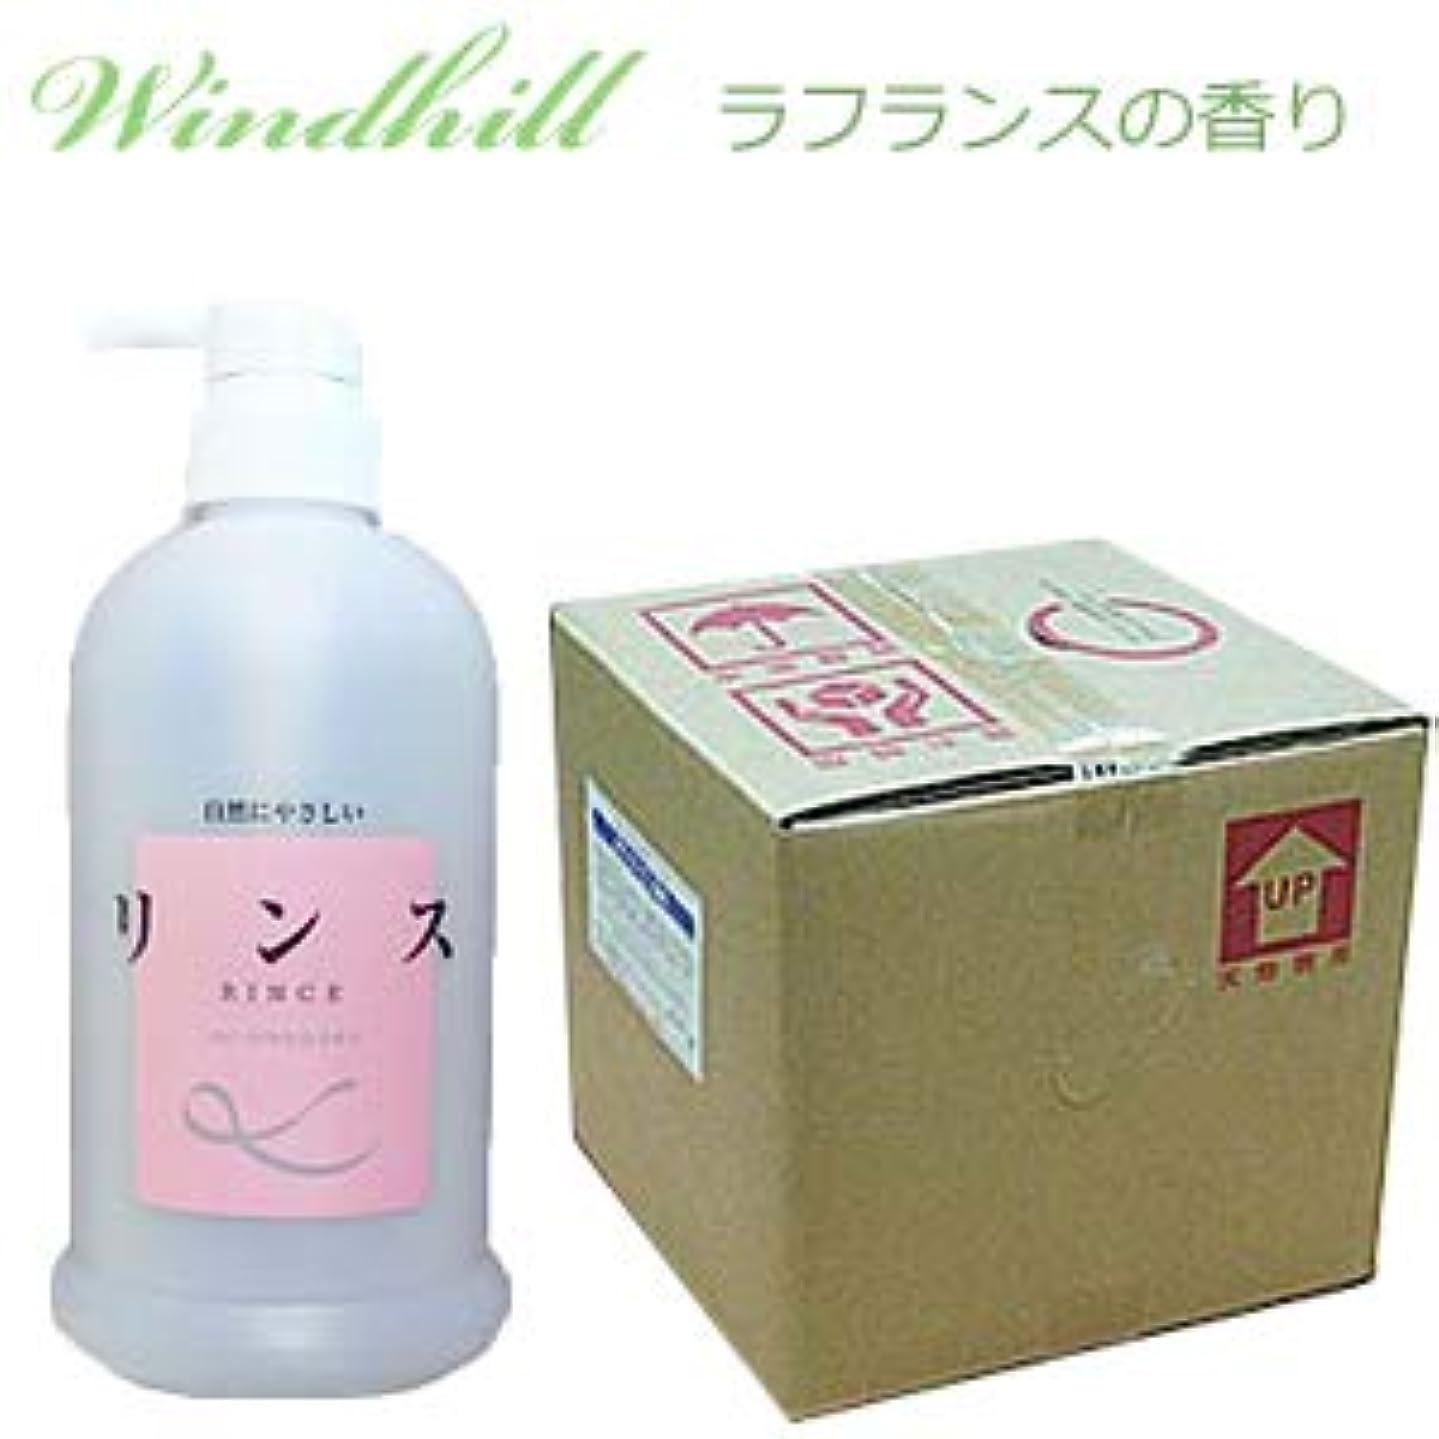 感度メッシュ割合なんと! 500ml当り173円 Windhill 植物性 業務用 リンス  爽やかなラフランスの香り 20L